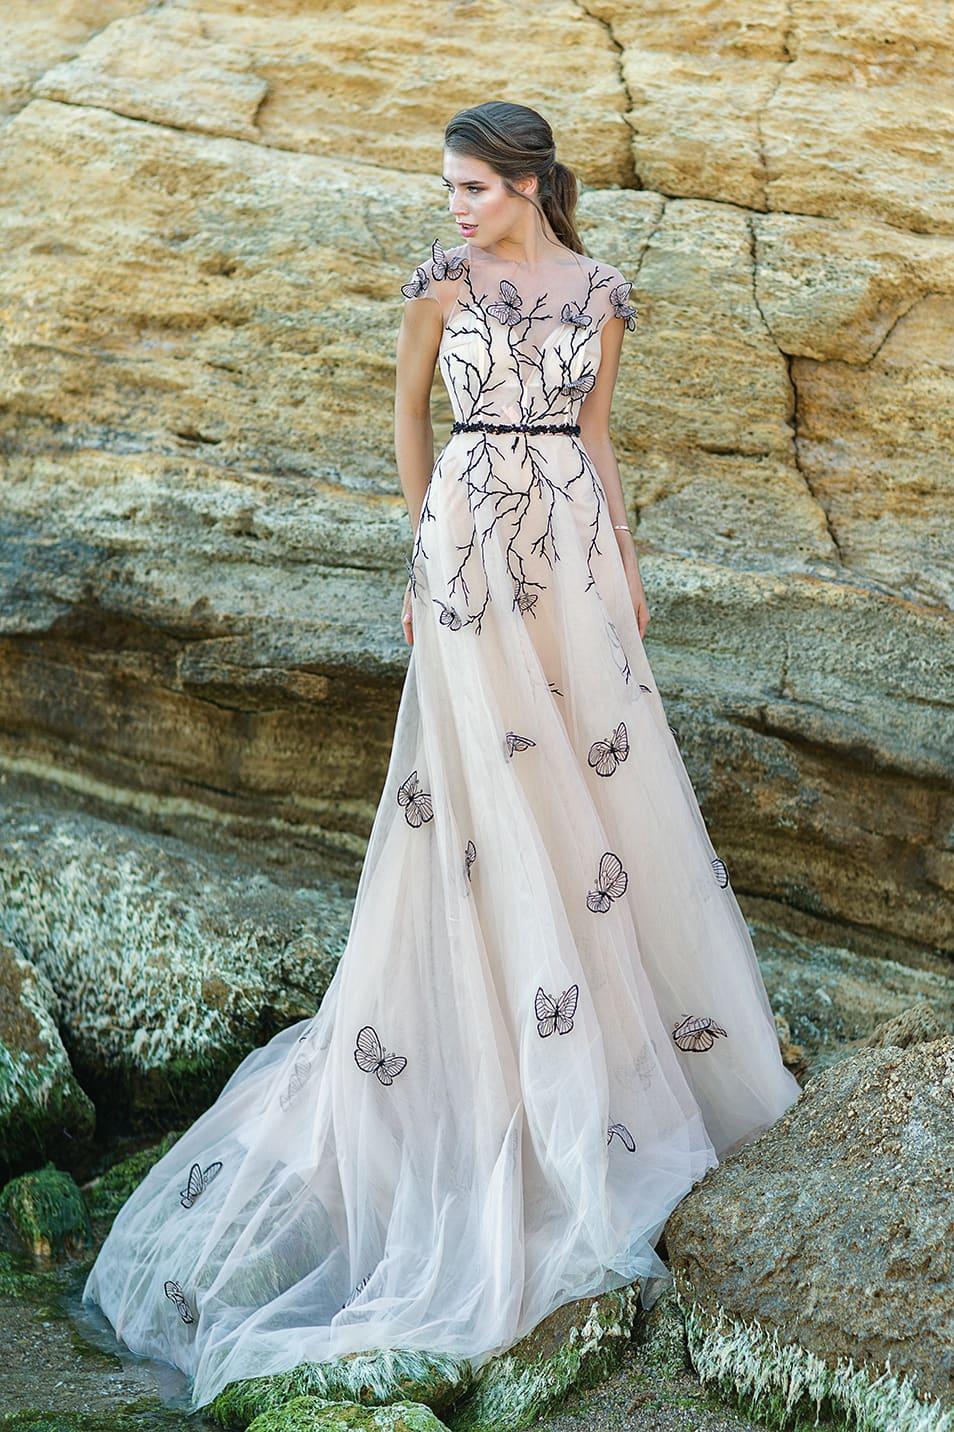 93deb515373 Свадебное платье Valentina Gladun Laurence ▷ Свадебный Торговый ...